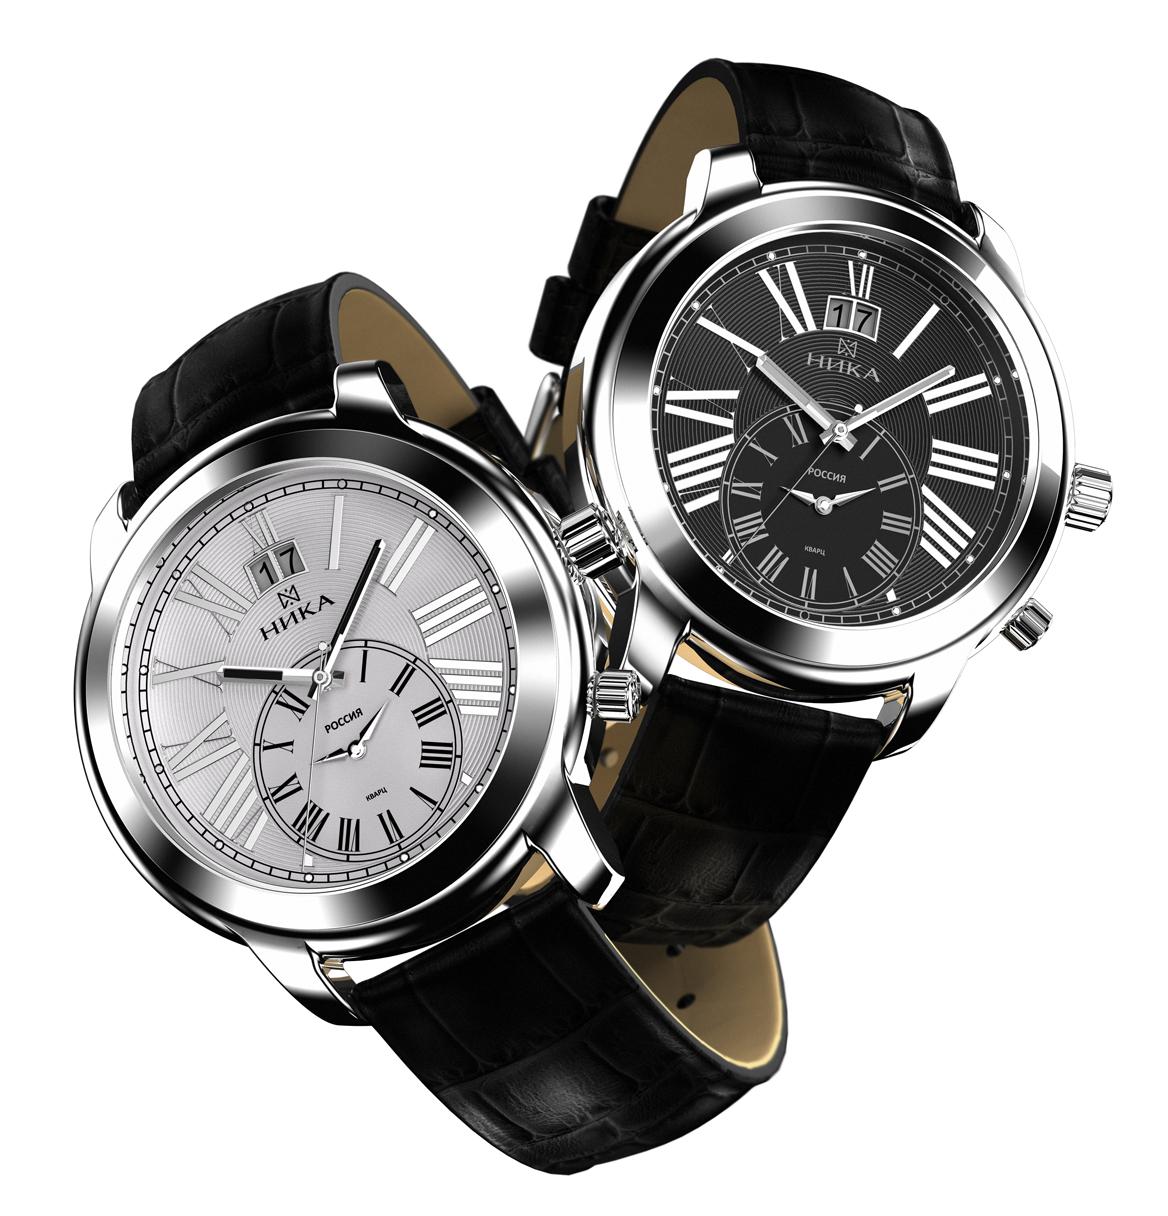 Часы. Интернет магазин часов TimeShop. Купить часы ...